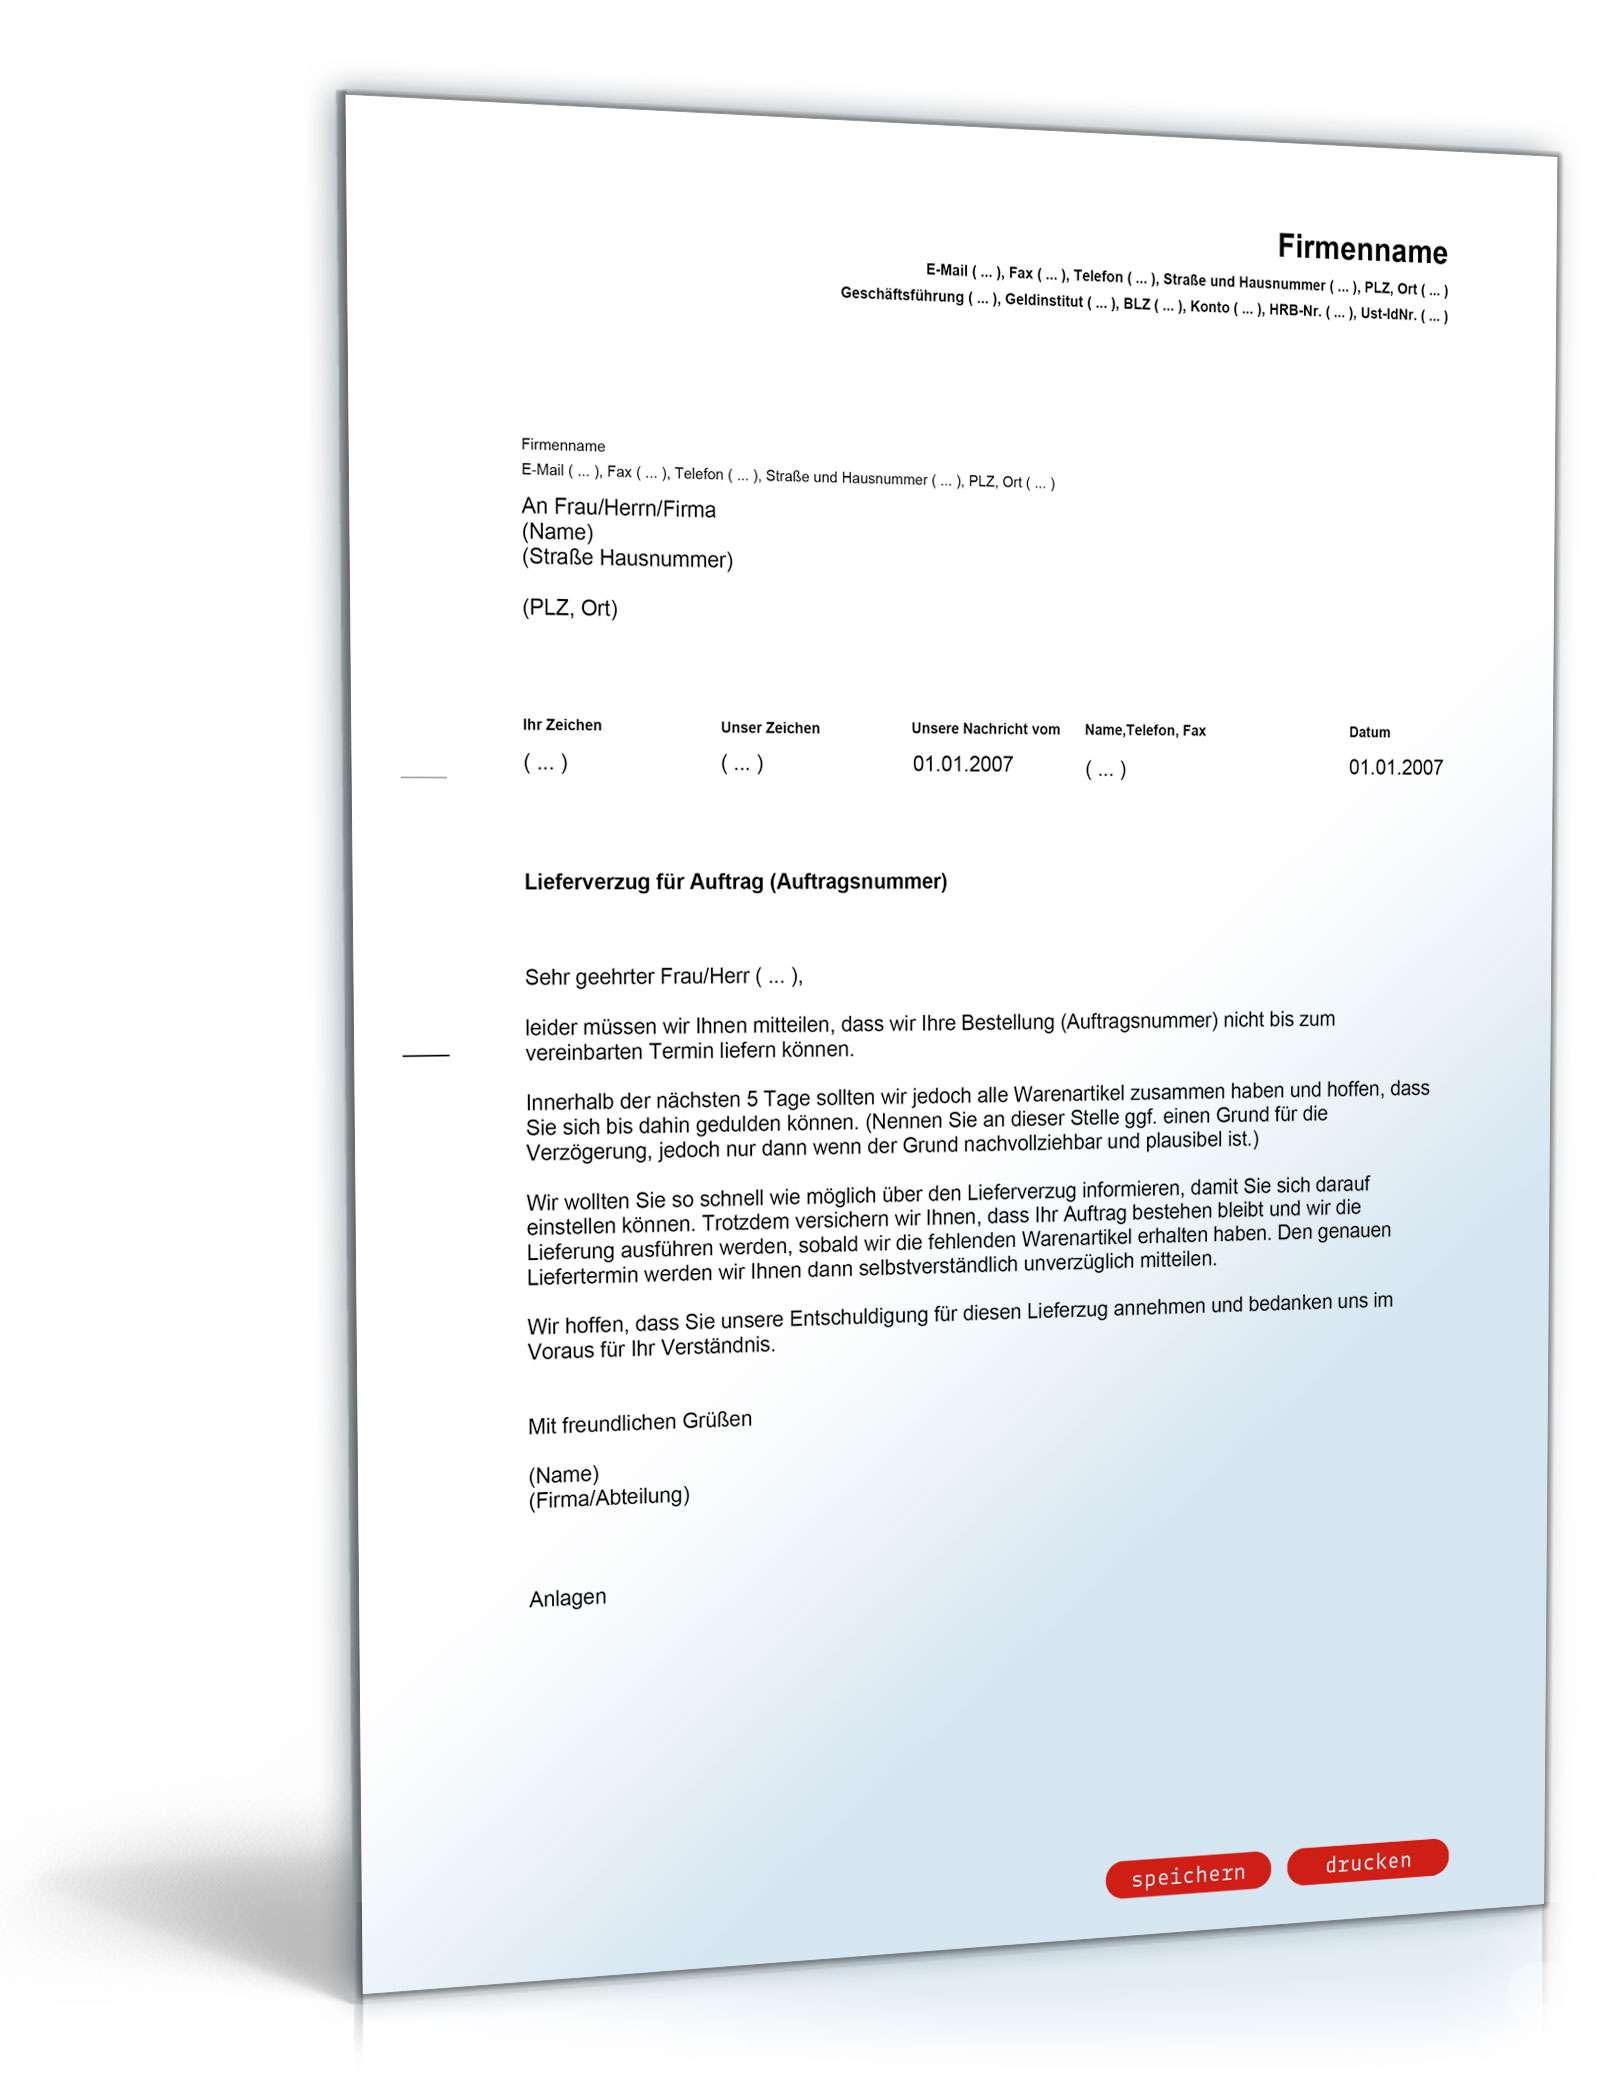 Musterbriefe Entschuldigungsschreiben Geschäftlich : Entschuldigung bei lieferverzug muster brief zum download